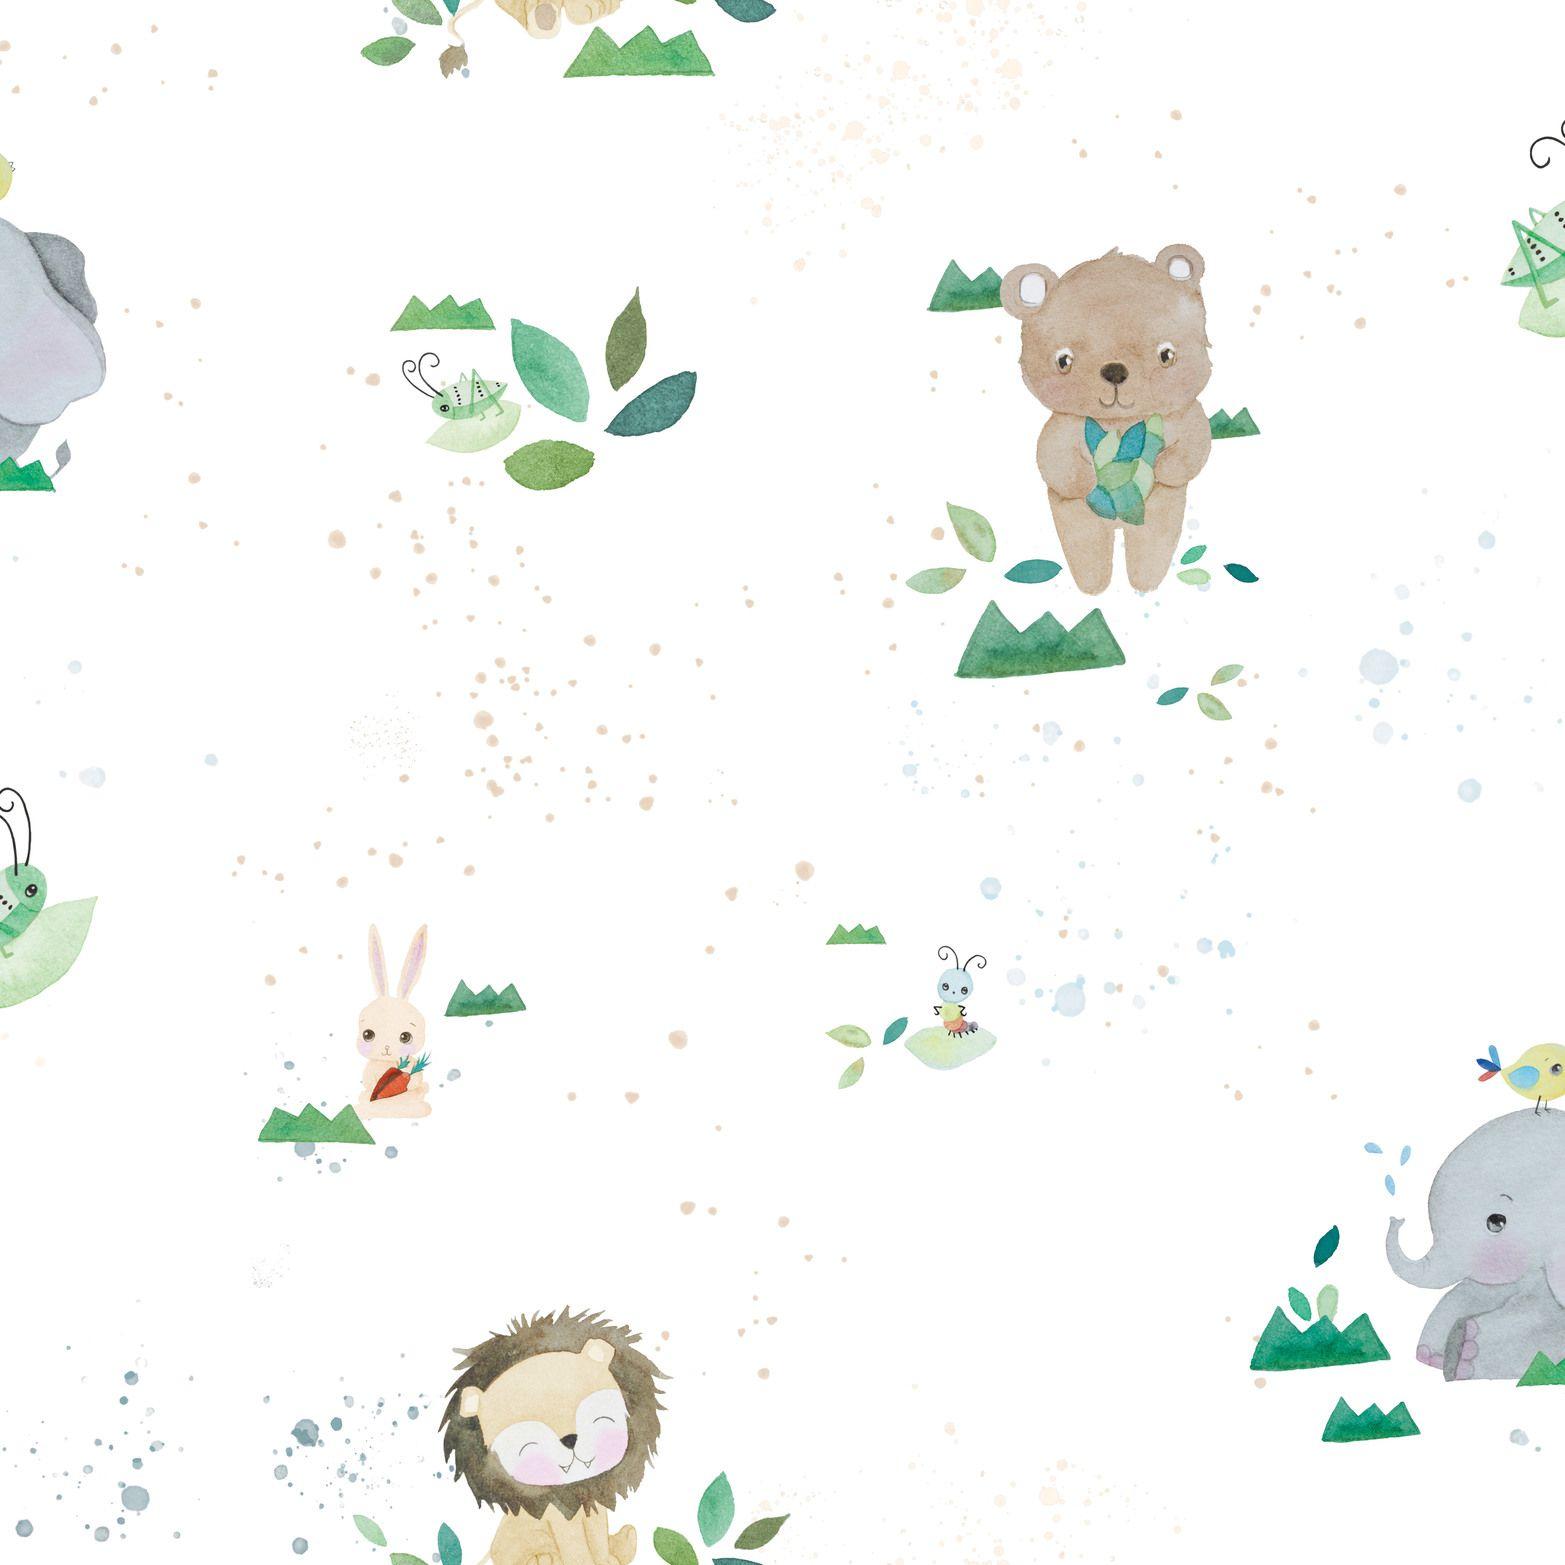 Papel de Parede Infantil Bobinex Coleção Brincar Safari Branco, Verde, Marrom